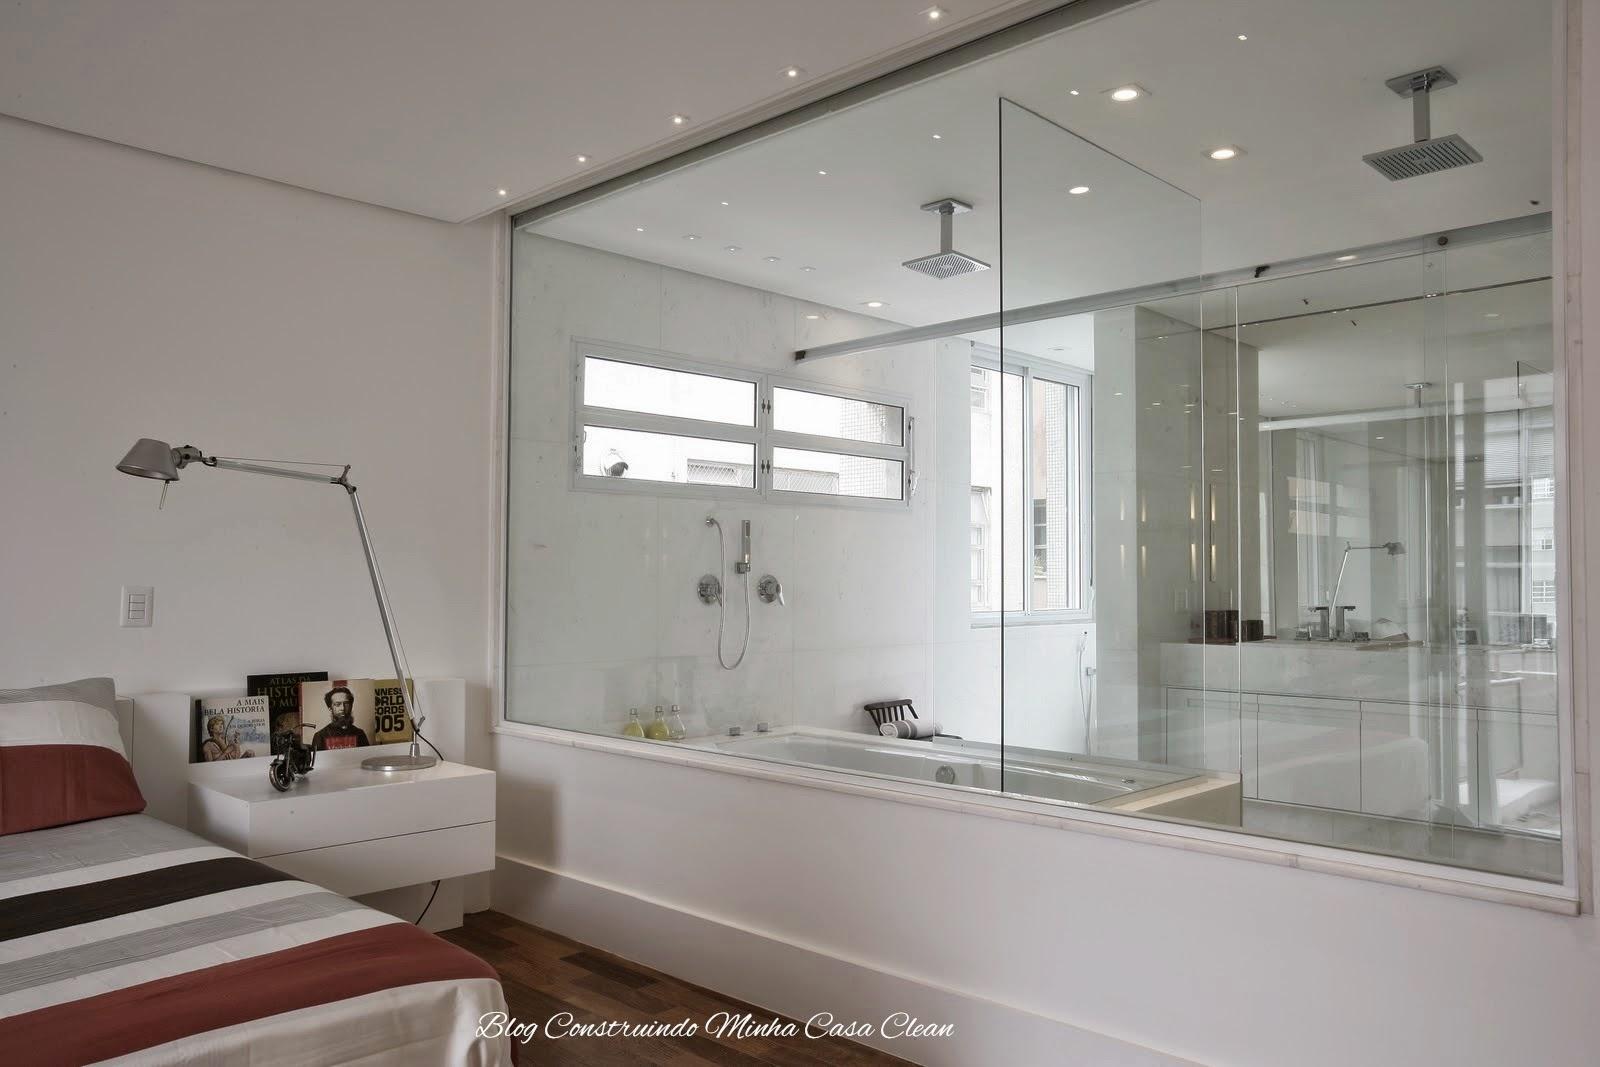 blog de decoração - Arquitrecos: Banheiro aberto para o quarto ...